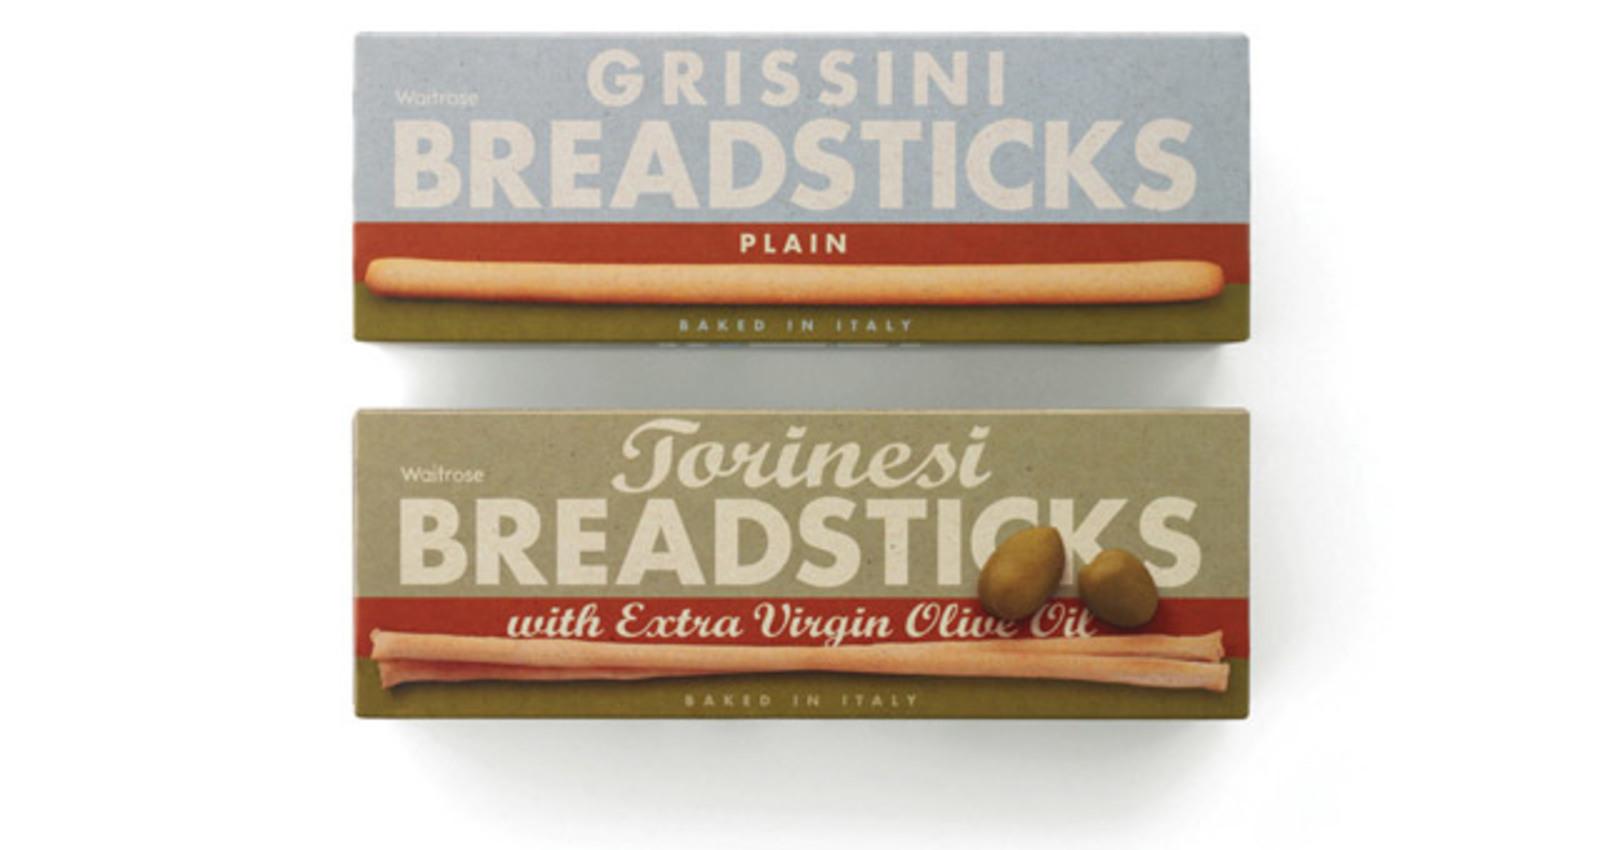 Waitrose Breadsticks